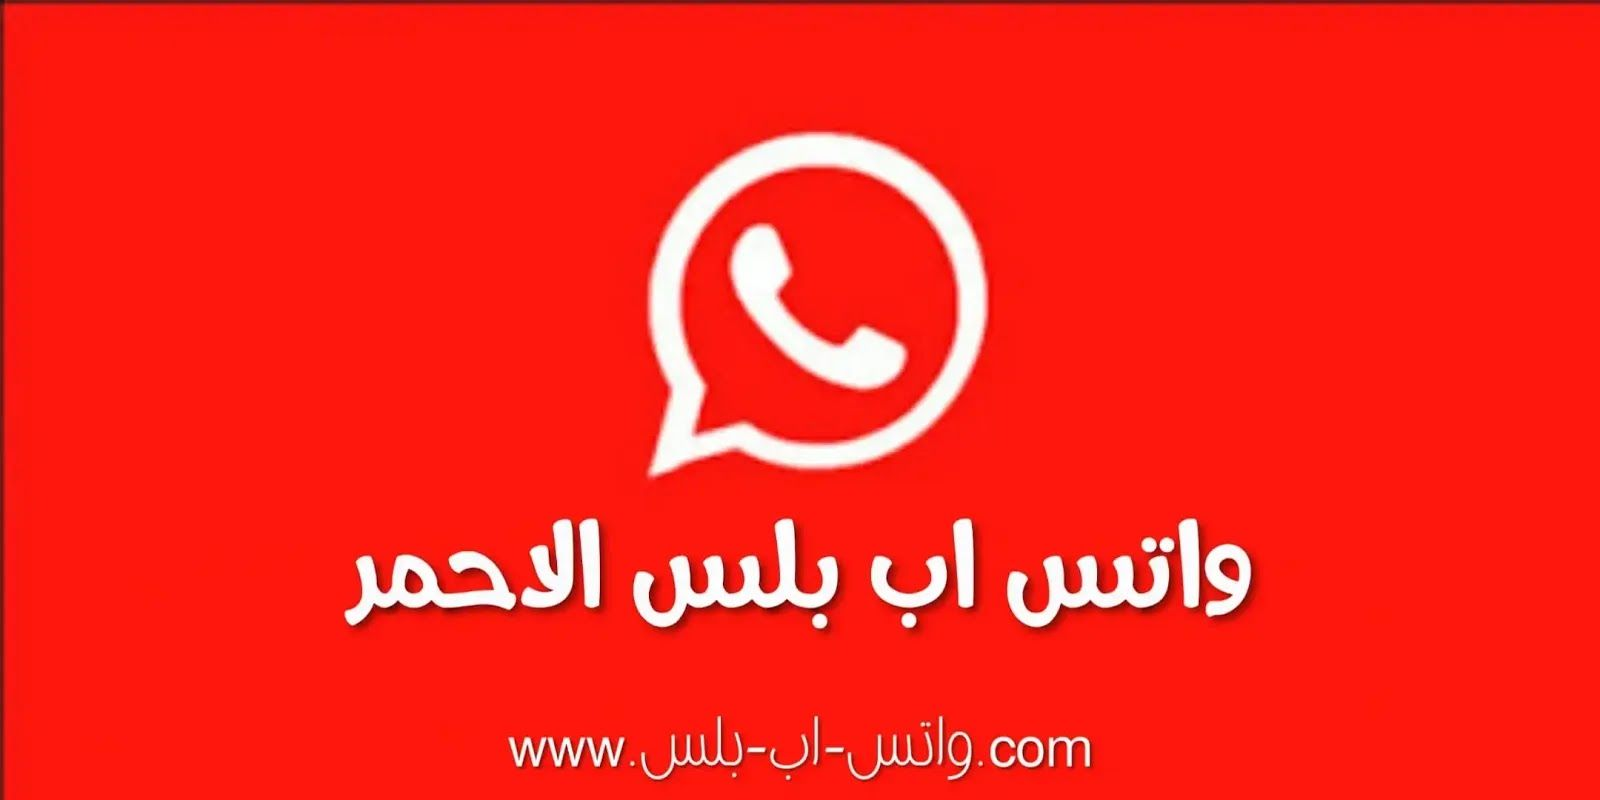 تحميل وتس اب بلس الاحمر ضد الحظر Whatsapp Plus Red اخر تحديث مع العديد من المميزات للاندرويد ما هو واتساب بلس ا Tech Company Logos Pinterest Logo Company Logo